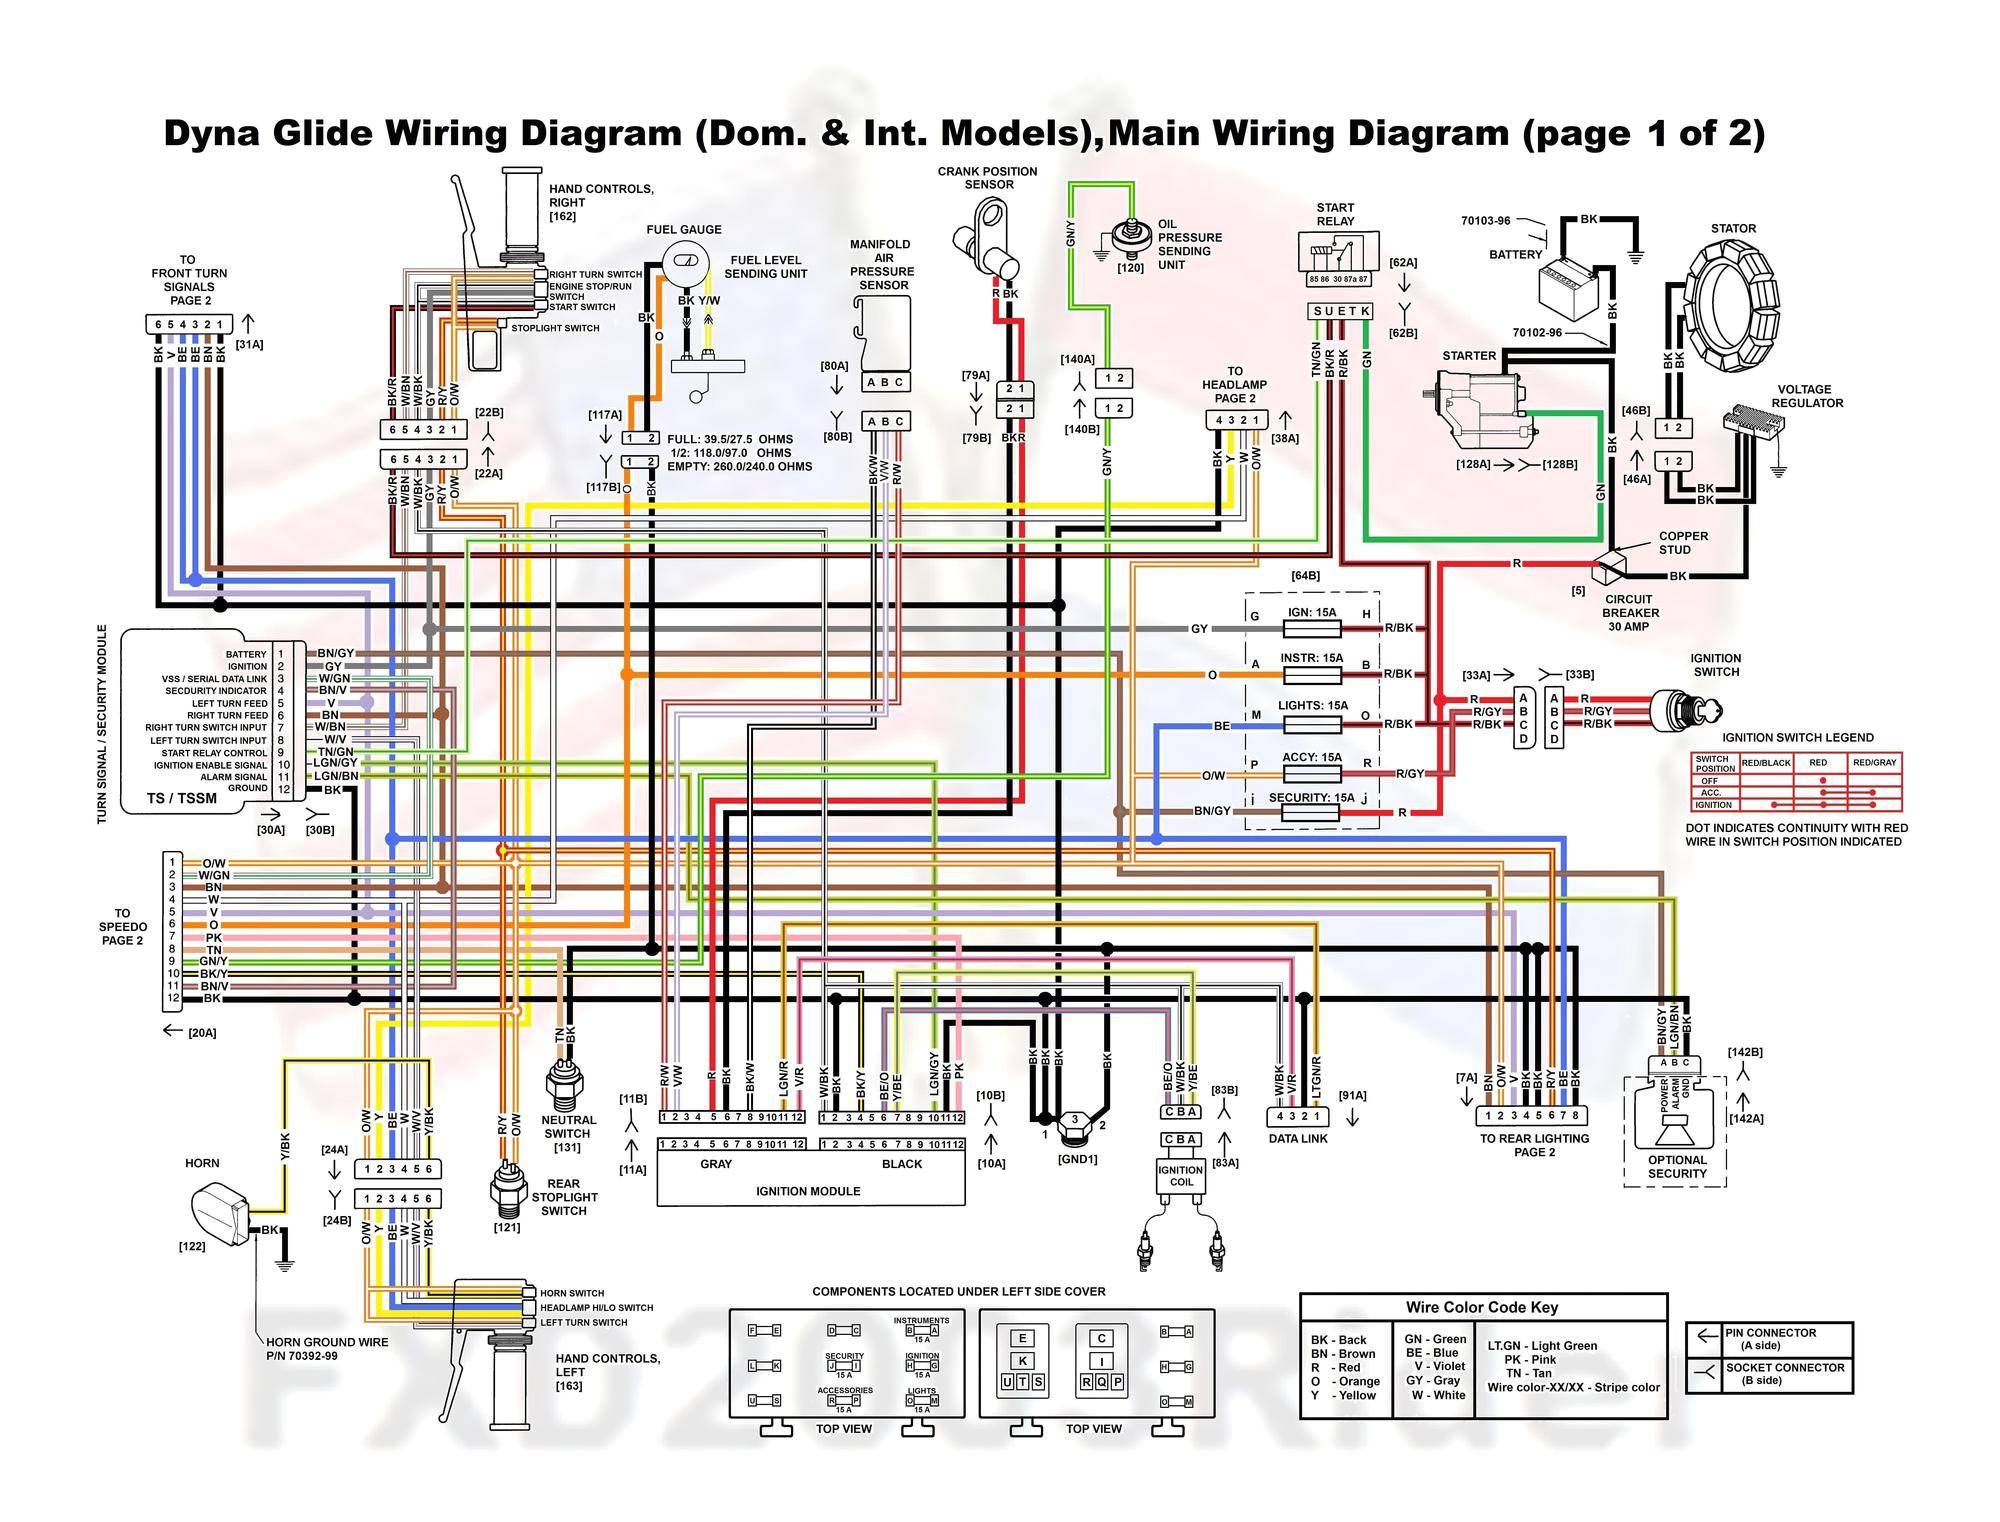 80 kleur en wm 2003 dyna glide wiring diagram dom int models main wiring diagram page 1 of 2 89aa5bfbfe3bdf104c1e84165cbae702feebd8cc jpg